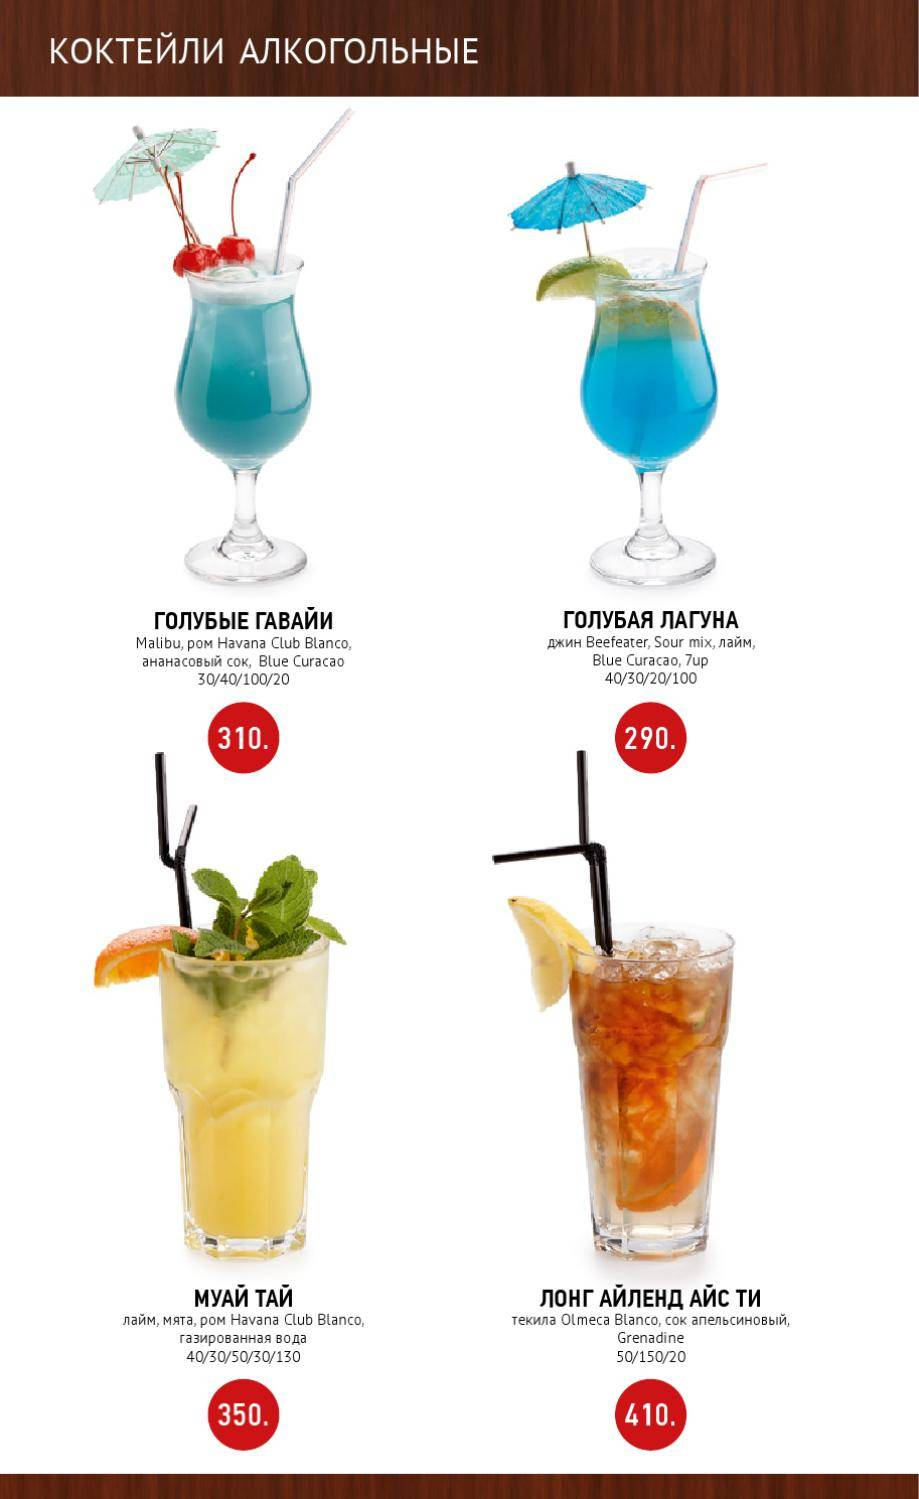 Безалкогольные коктейли - лучшие рецепты смешанных напитков для всей семьи